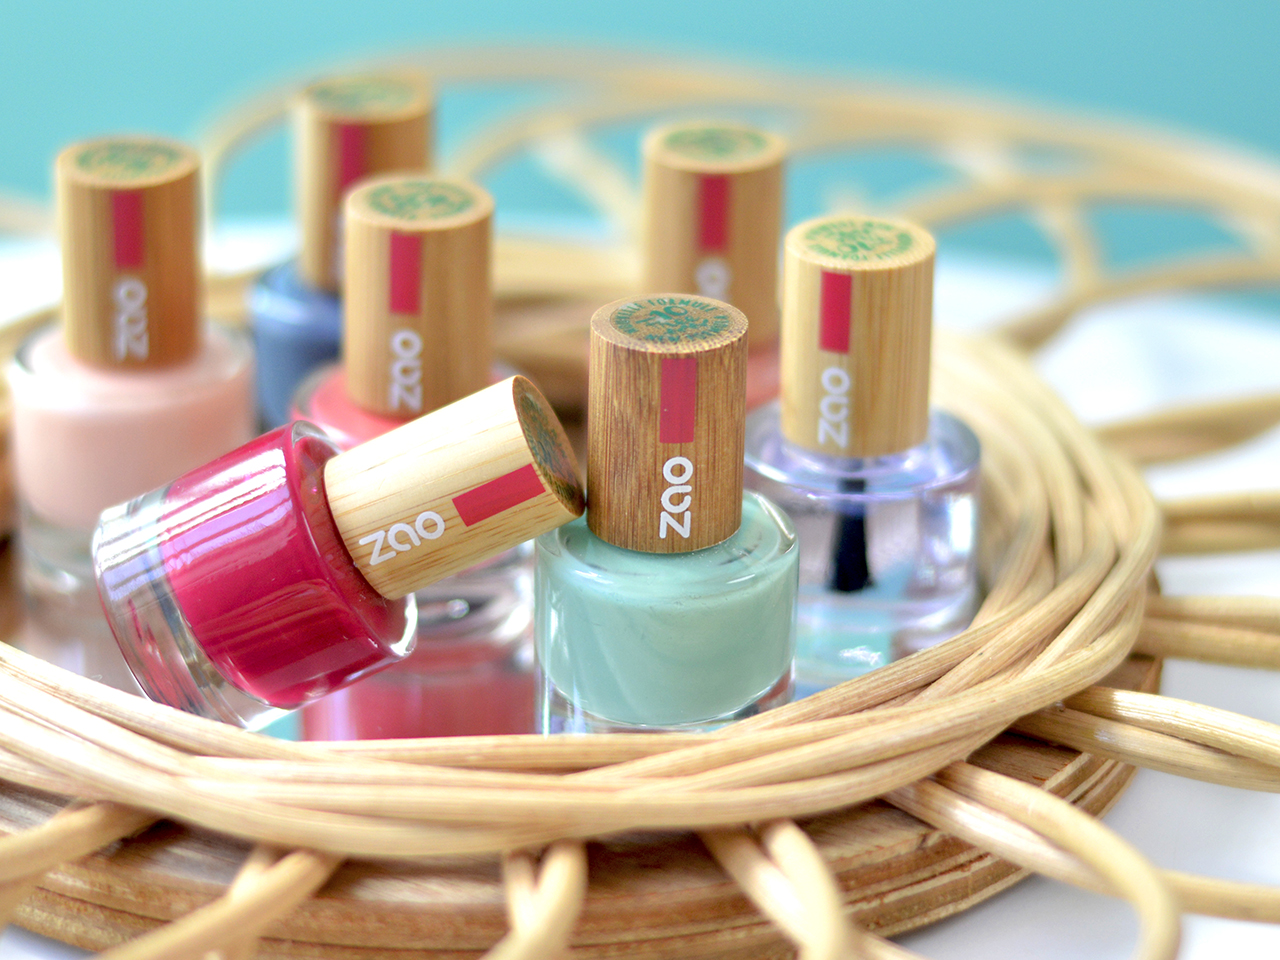 Die Lacke von ZAO -essence of nature enthalten zwischen 74% und 84% natürliche Inhaltsstoffe. -Fotocredits: ZAO